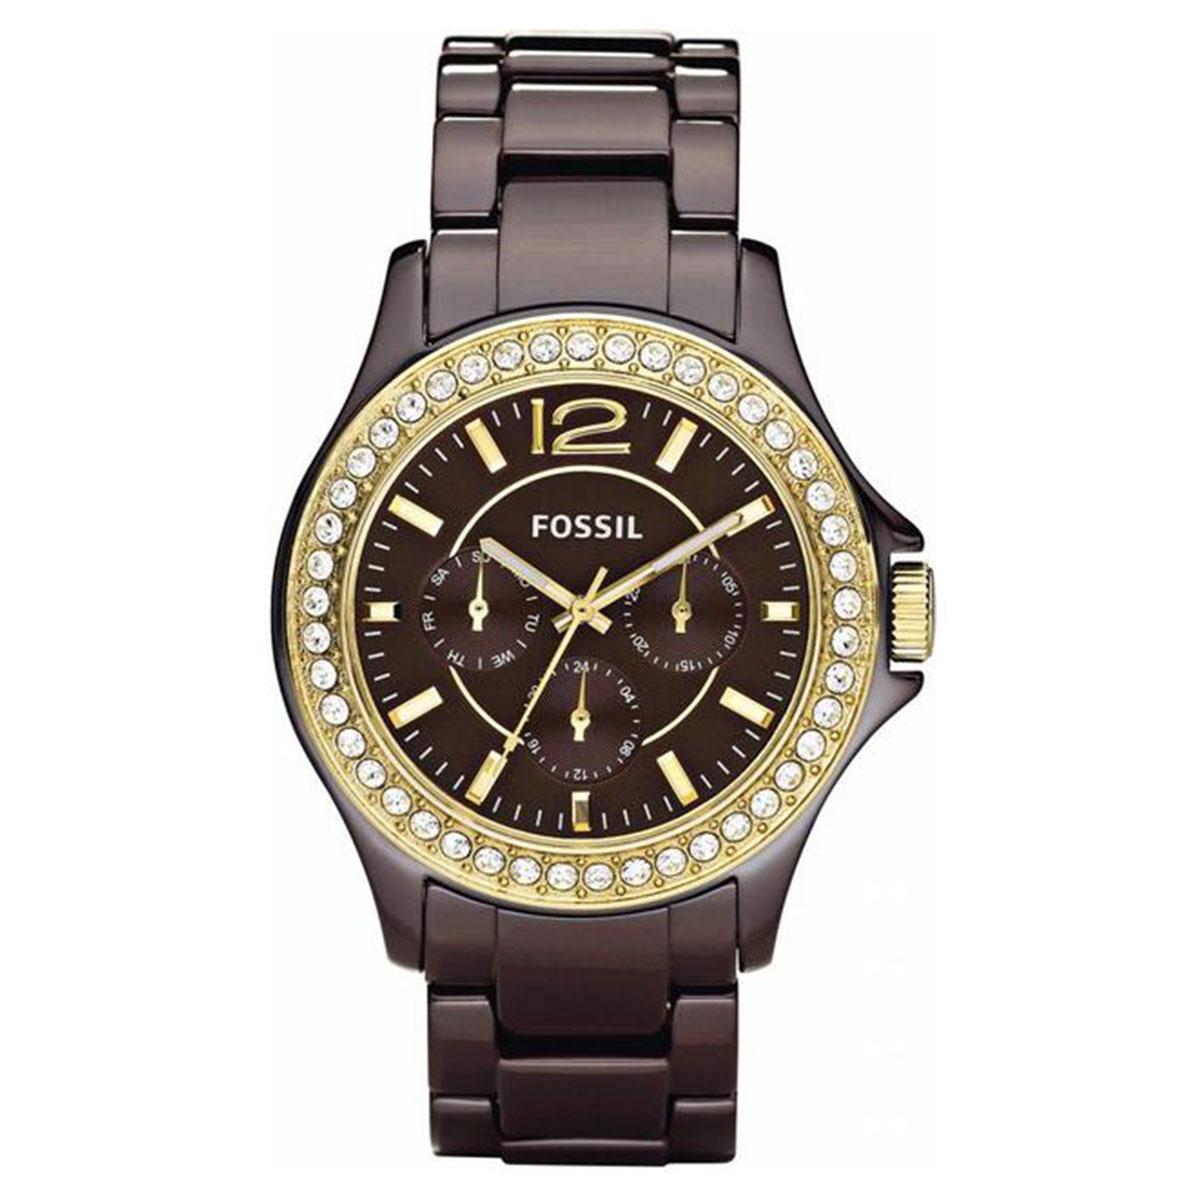 ساعت مچی عقربه ای زنانه فسیل مدل CE1044              ارزان